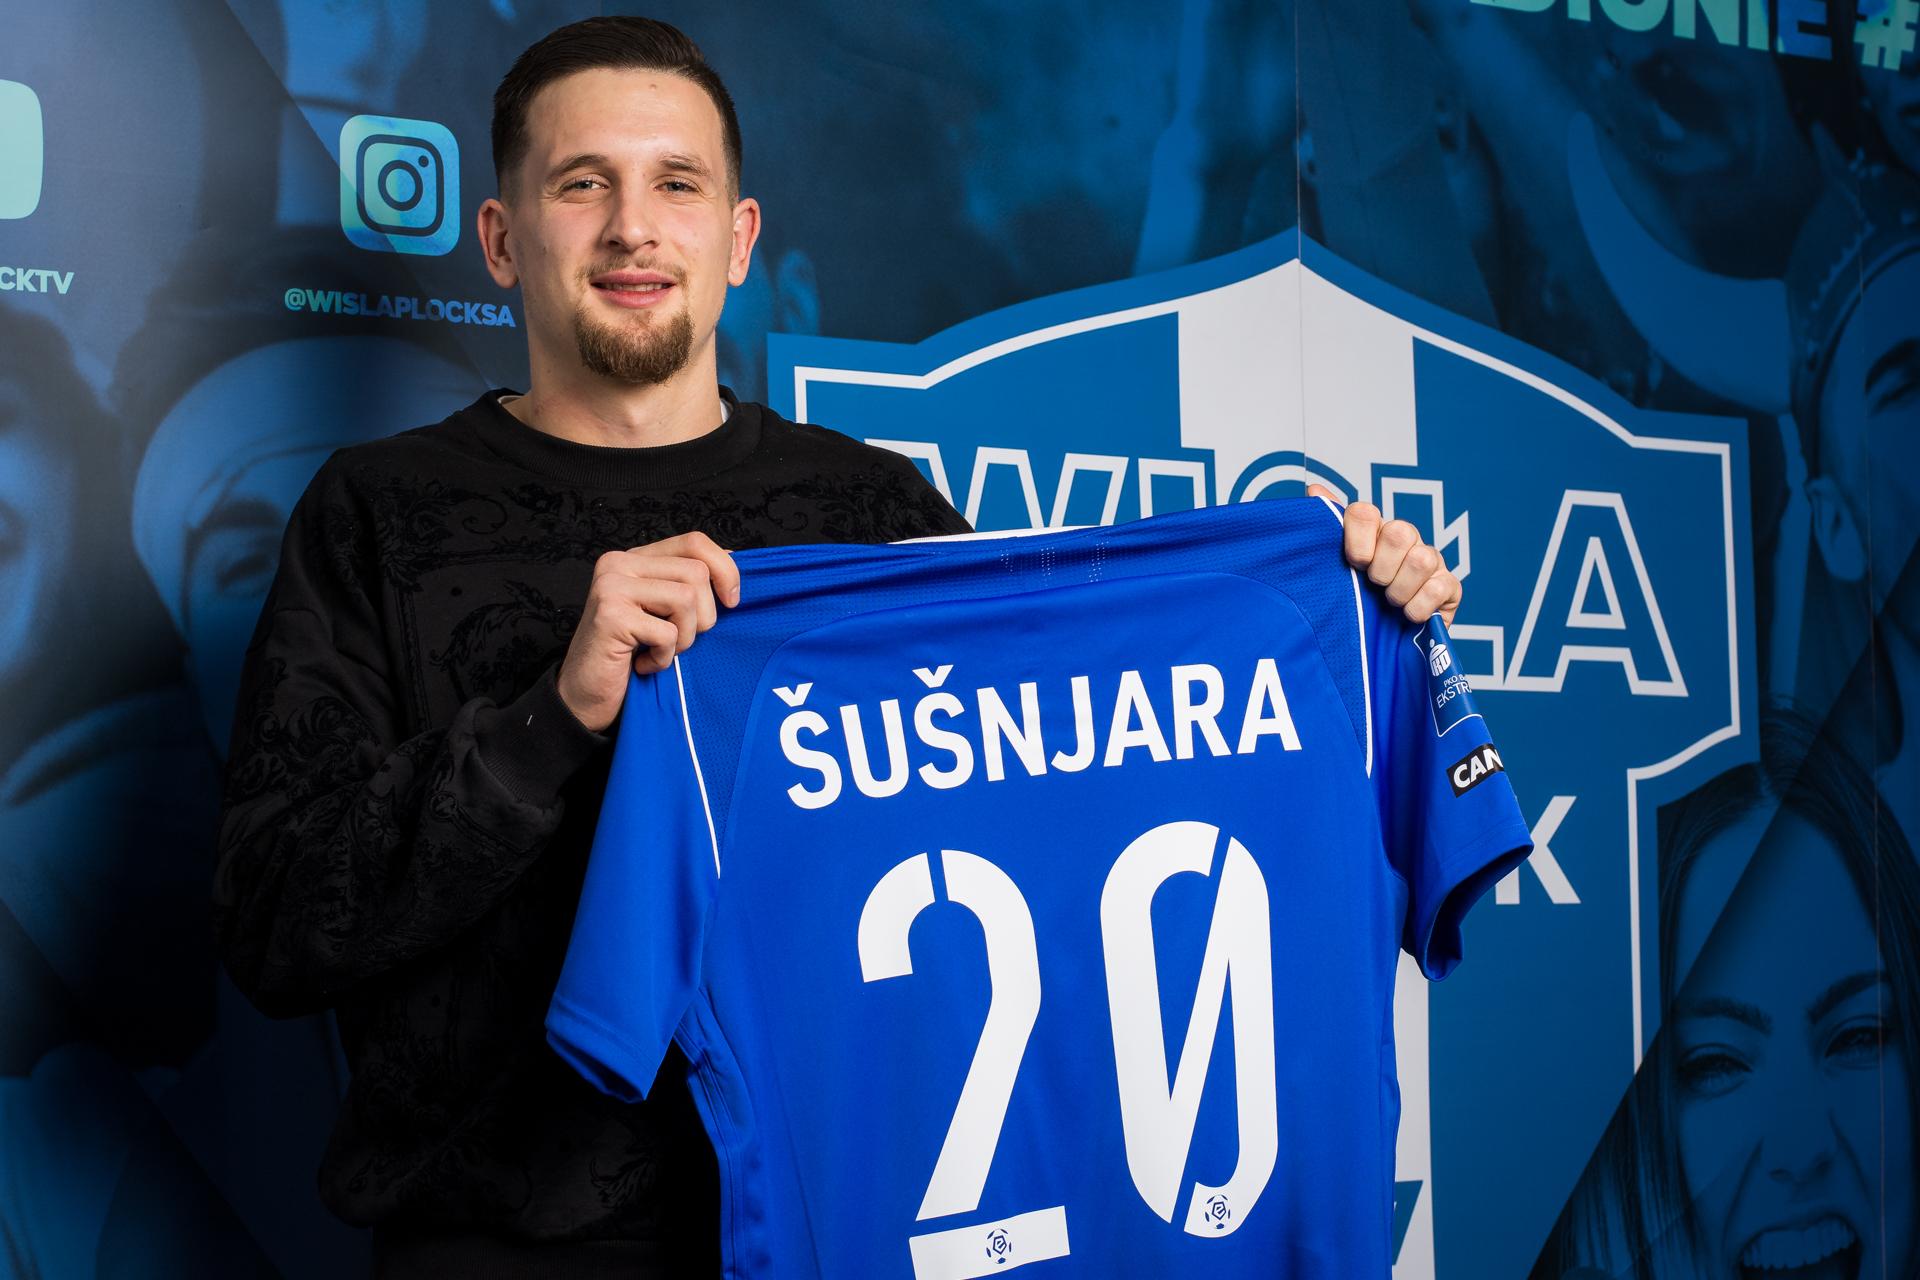 Wisła wzmacnia rywalizację w ofensywie. Luka Šušnjara podpisał kontrakt  - Zdjęcie główne